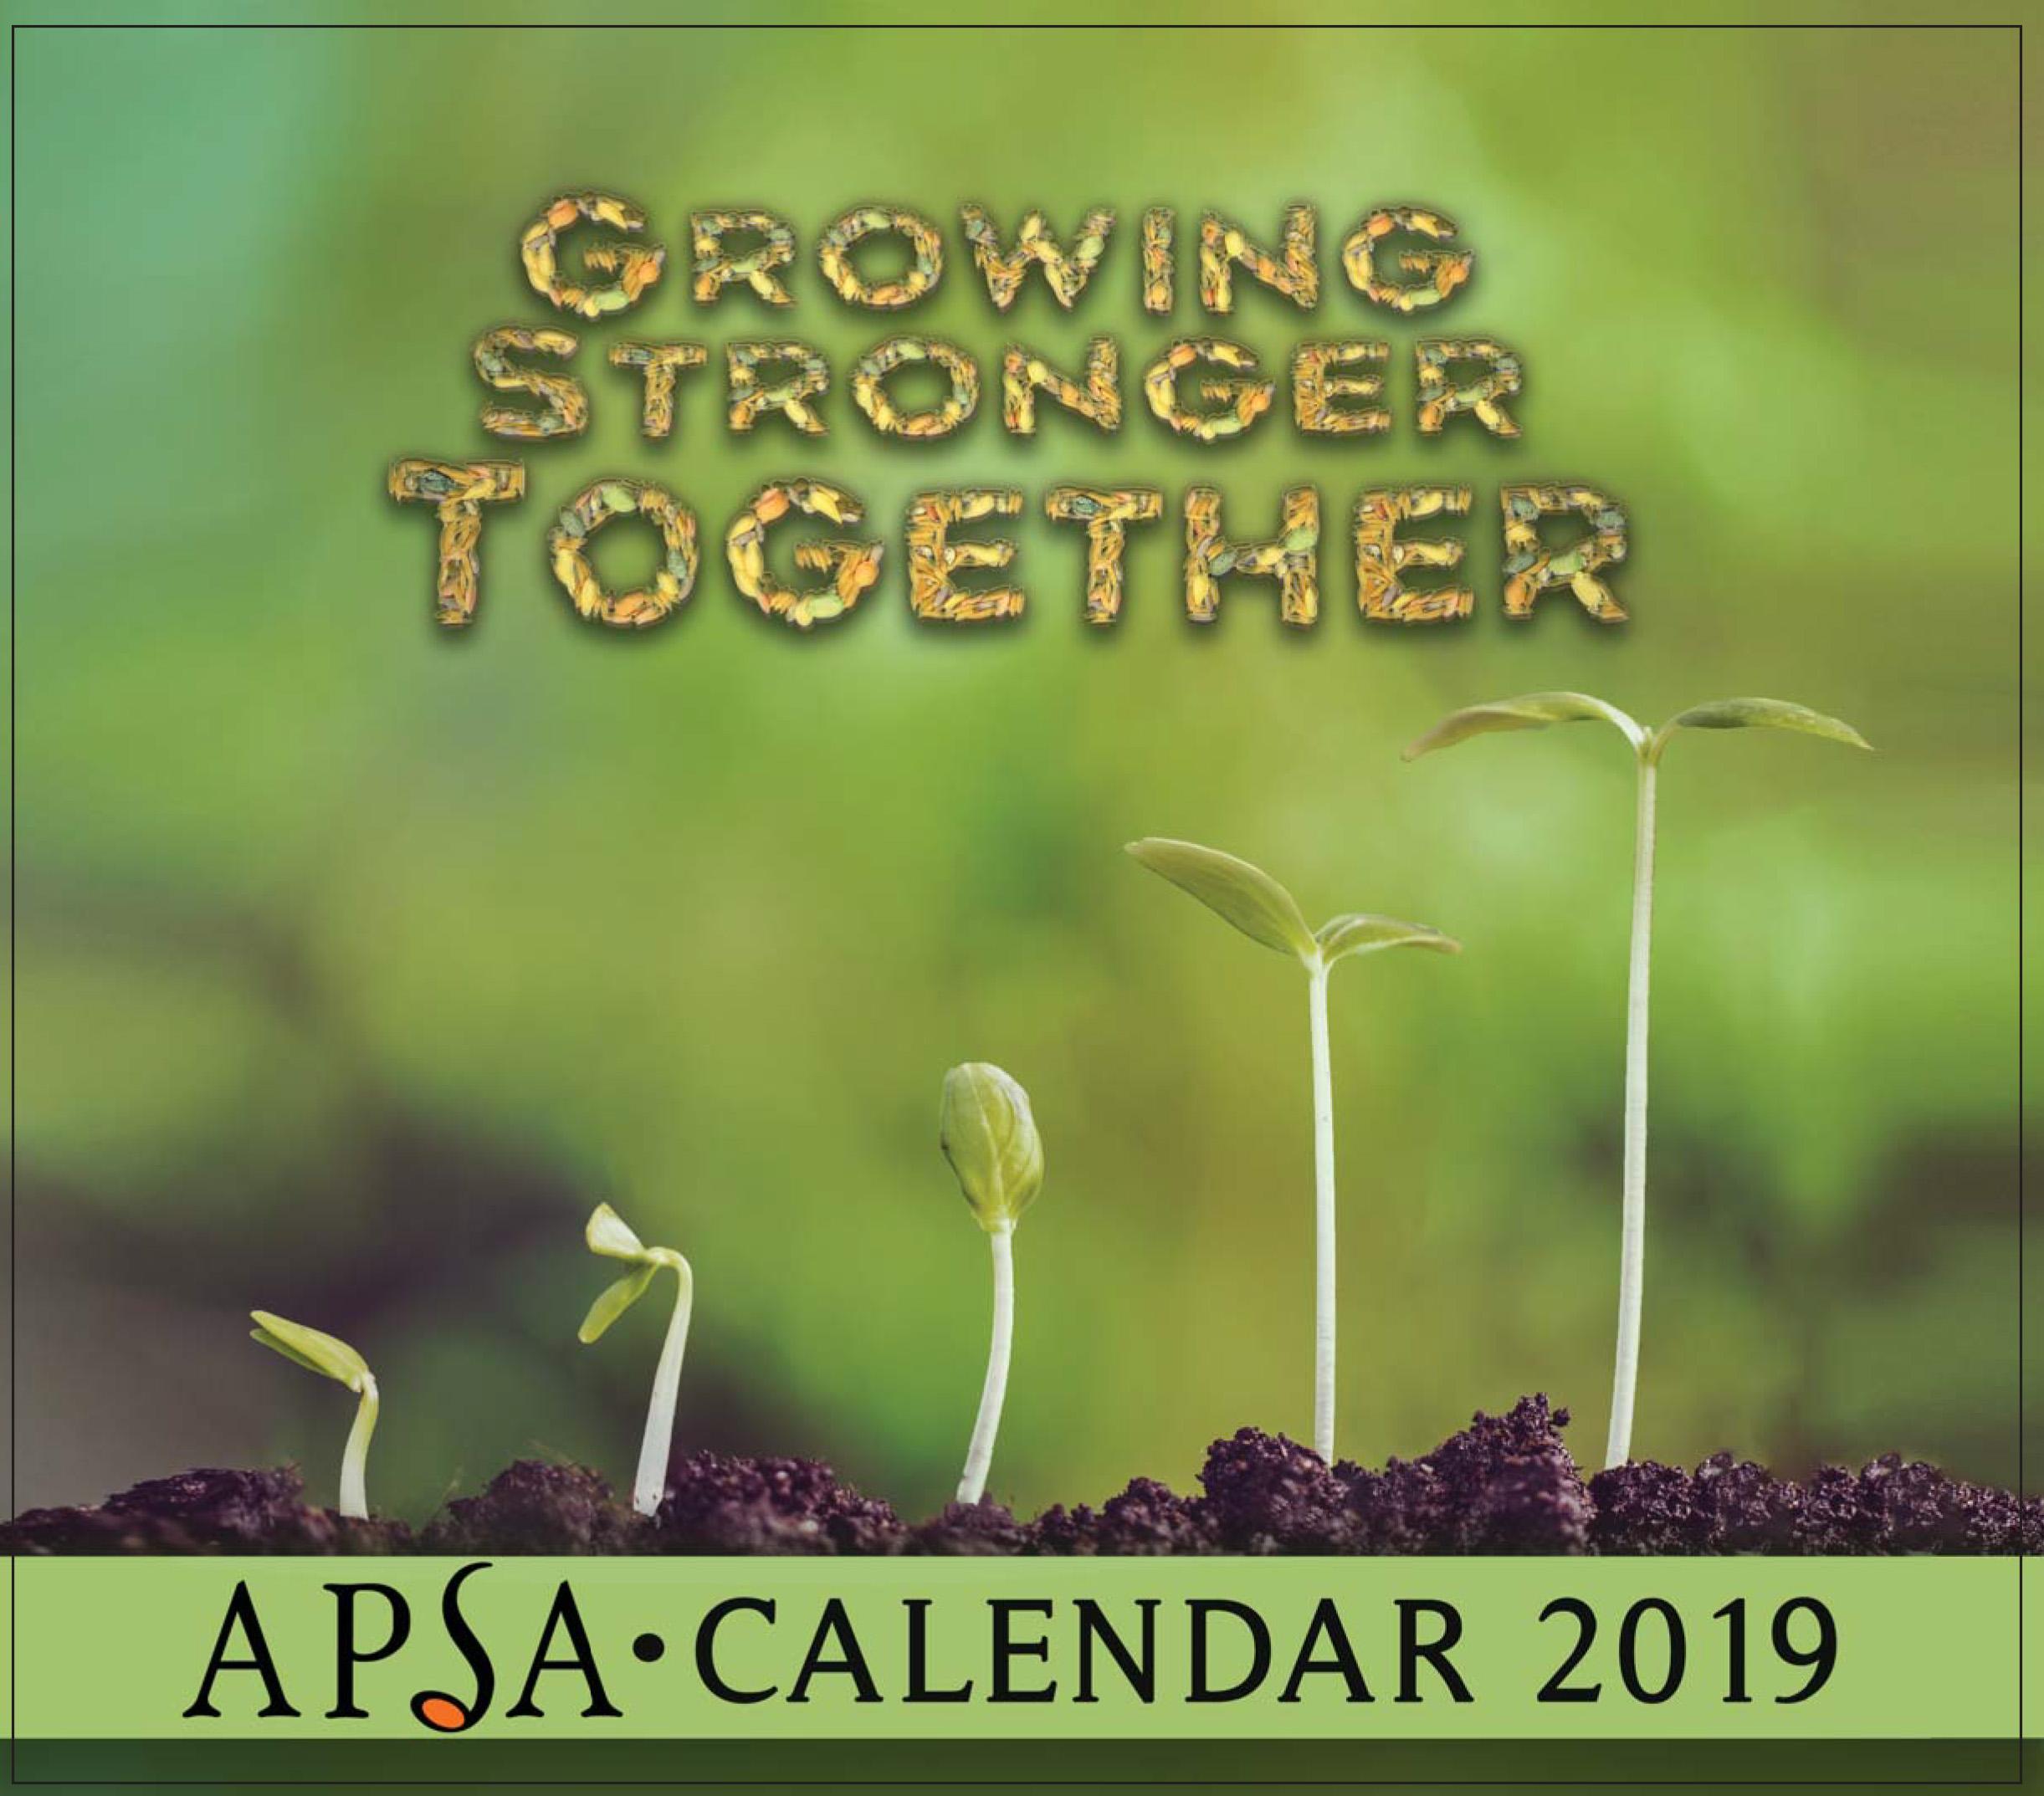 APSA 2019 Calendar Sponsors (Gallery)